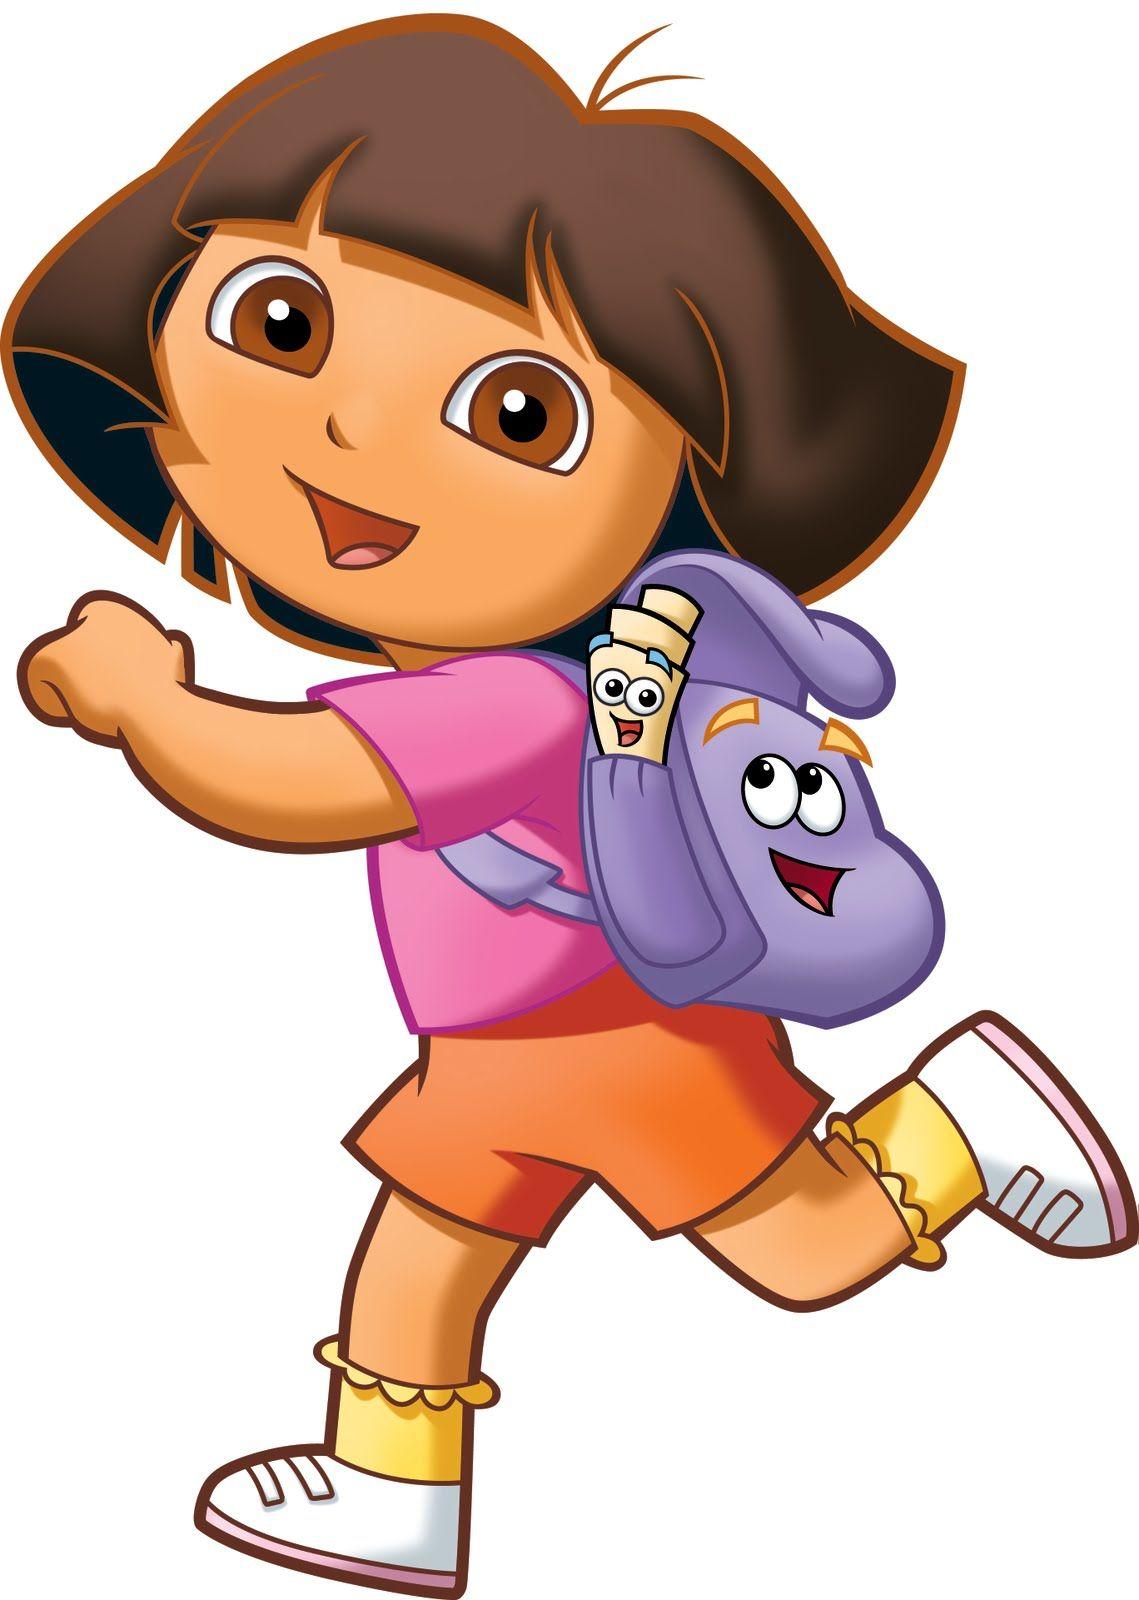 cartoon pictures images photos cartoon pictures for kids images rh pinterest com au dora clipart png dora clipart images